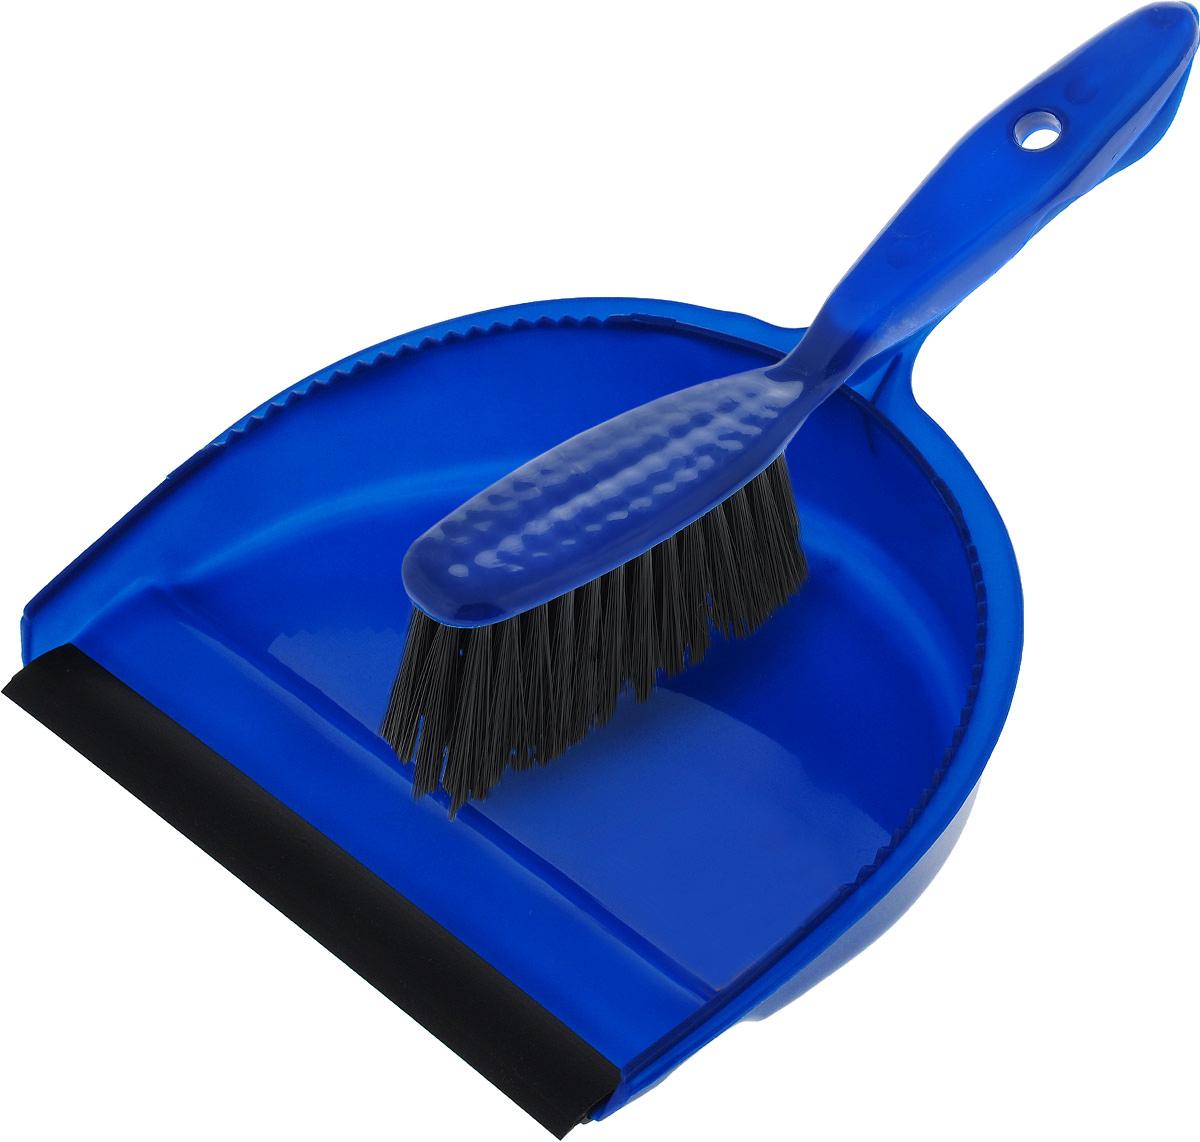 Комплект для уборки Фэйт Эко, цвет: синий, 2 предмета щетка фэйт щетка для мытья окон принт матрица фэйт